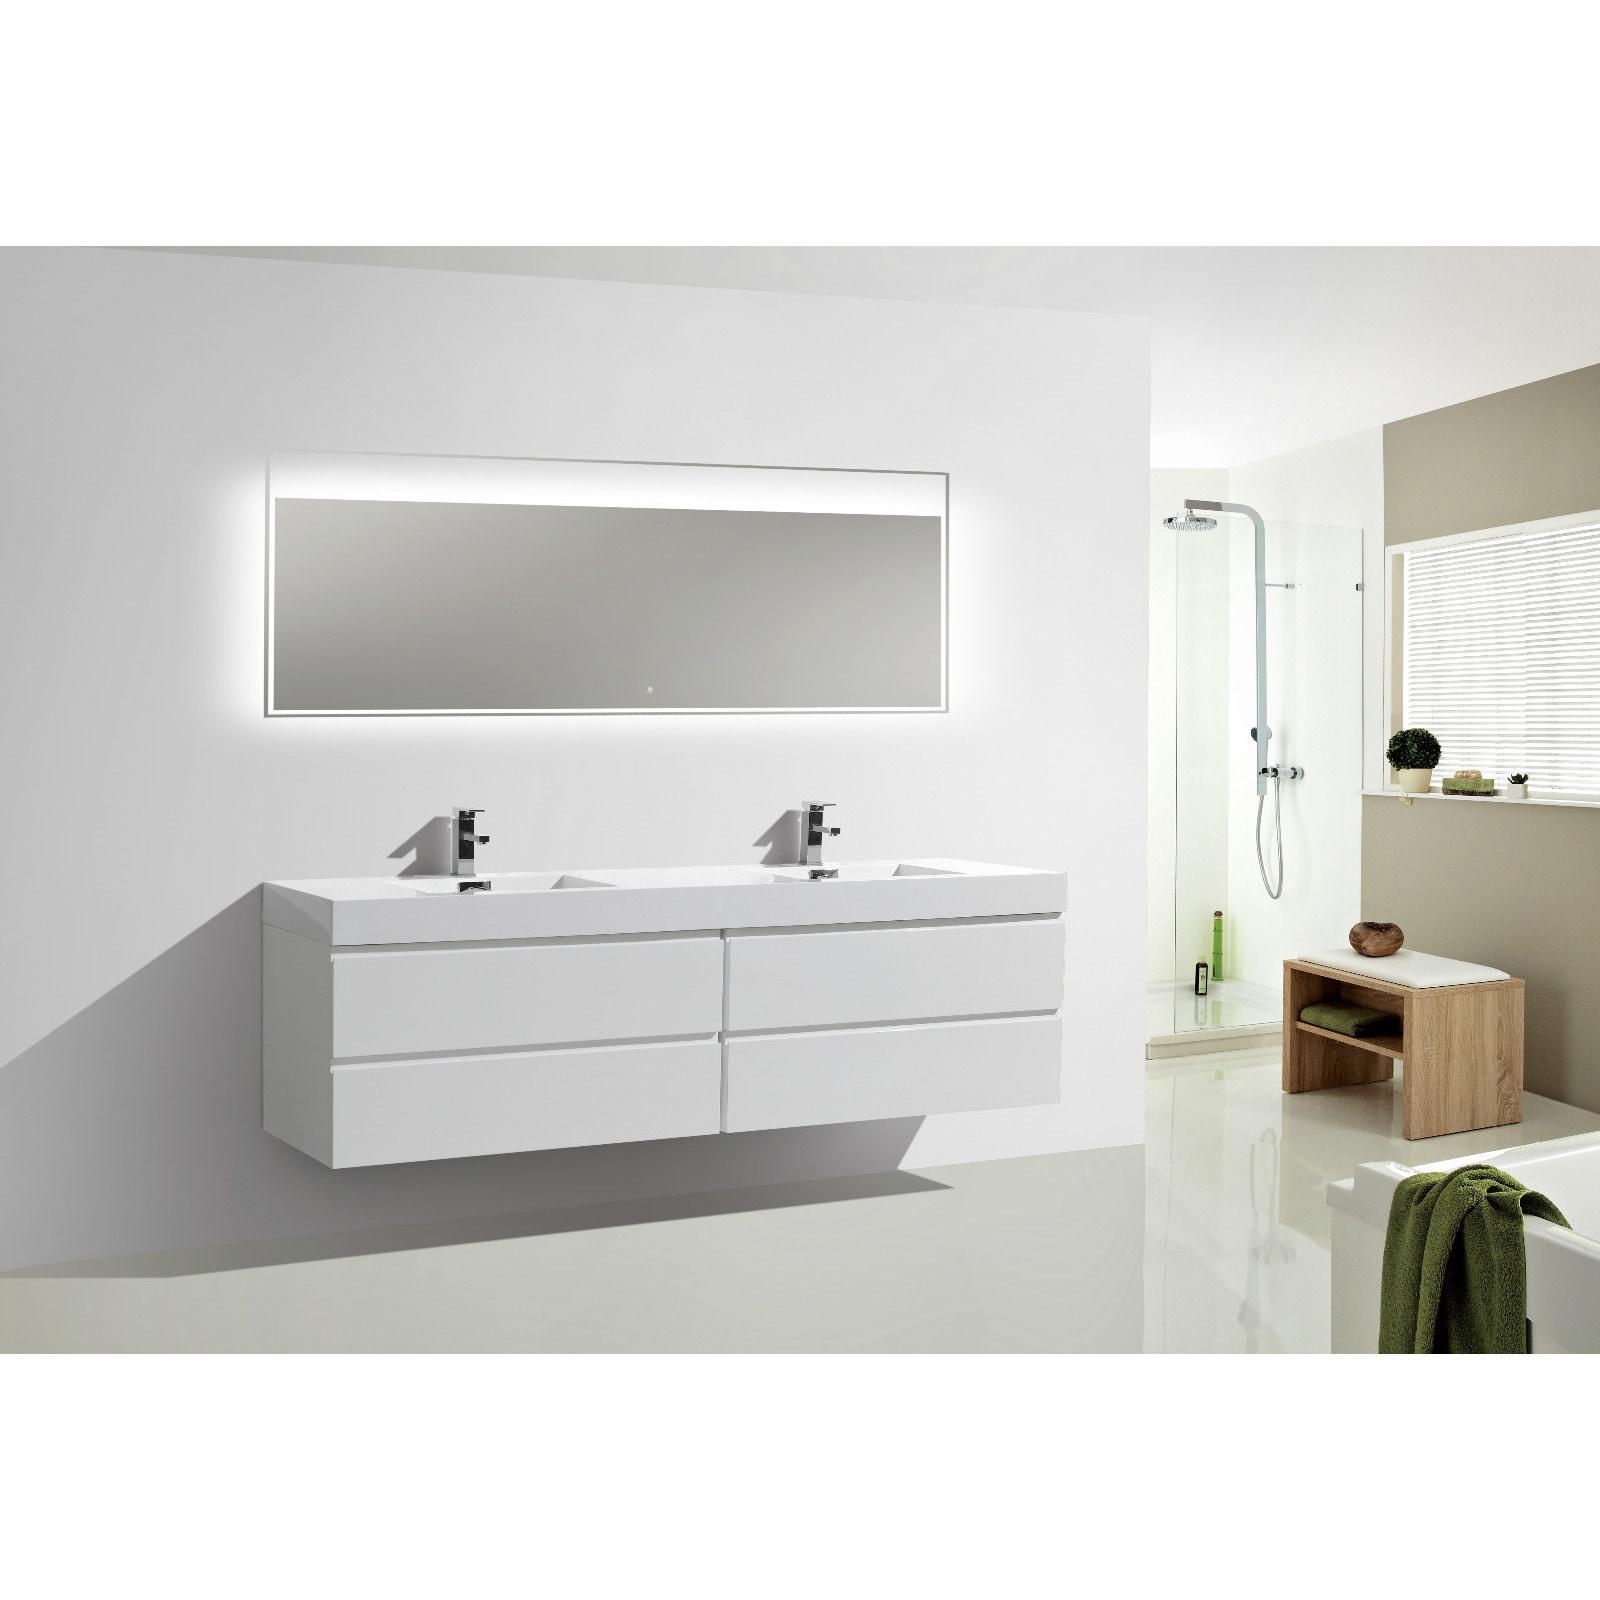 Moreno Bath MOF 80-inch Wall Mounted Reinforced Acrylic Double Sink ...